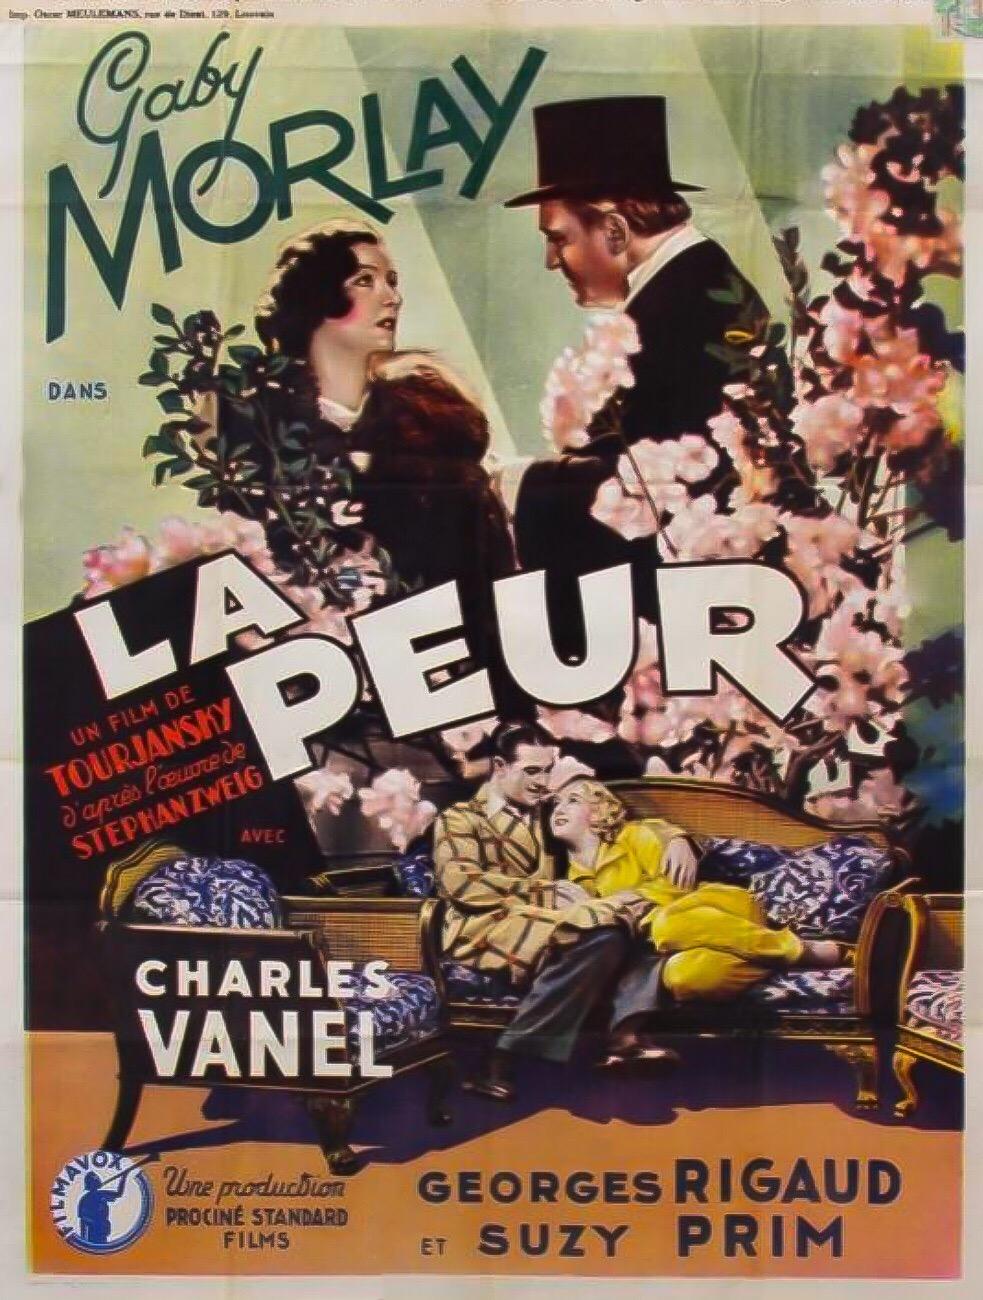 La peur (1936)